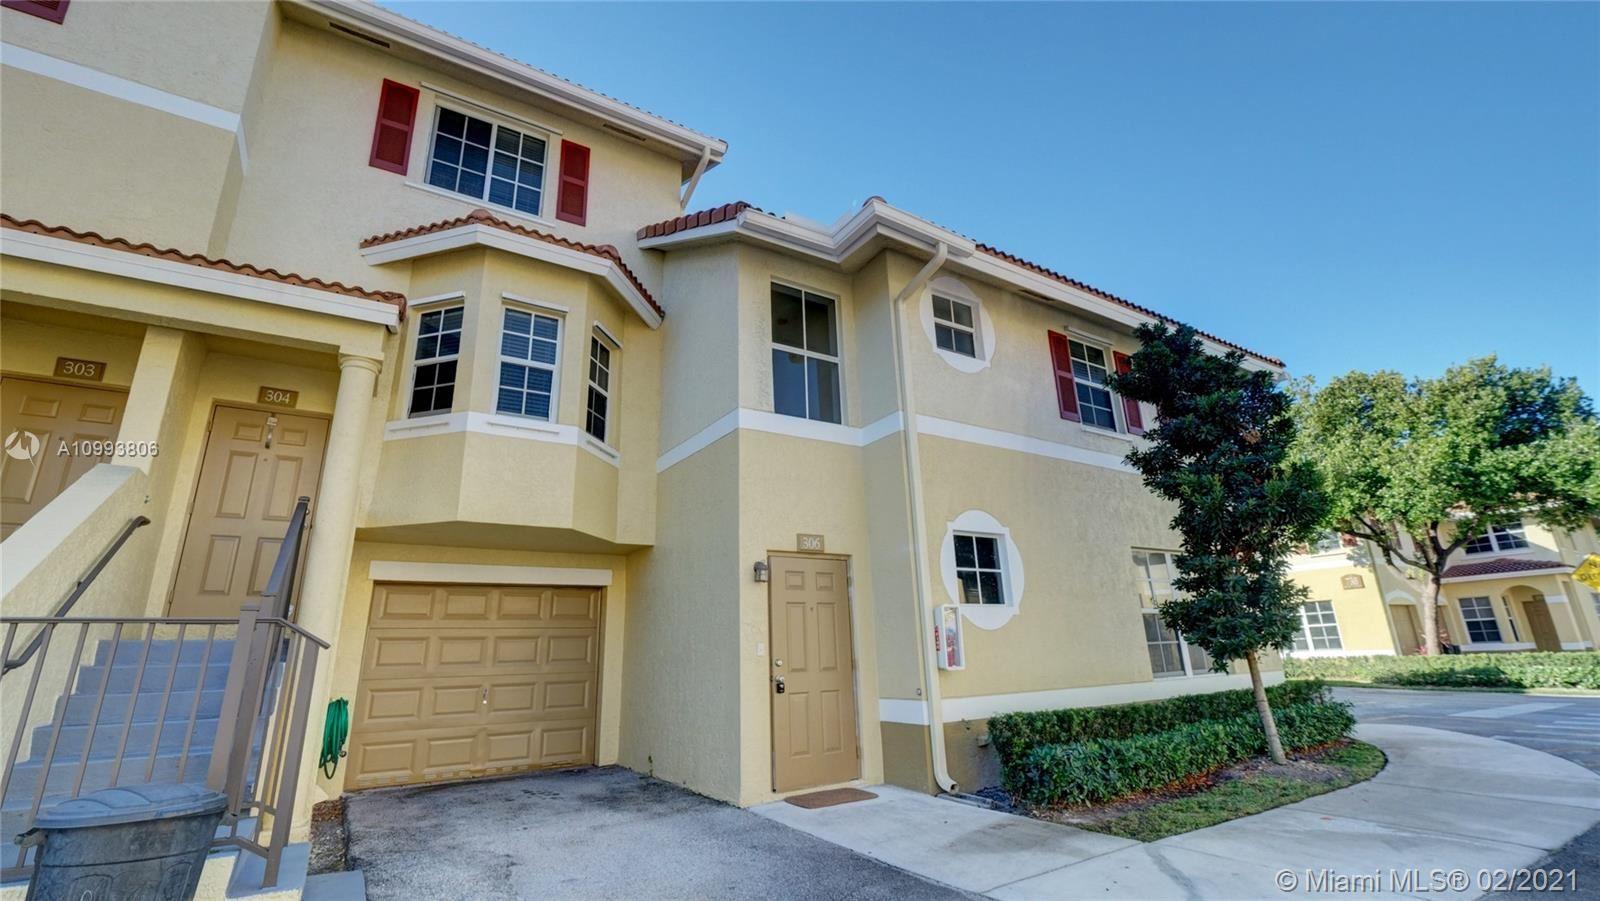 734 NE 90th St #306, Miami, FL 33138 - #: A10993806